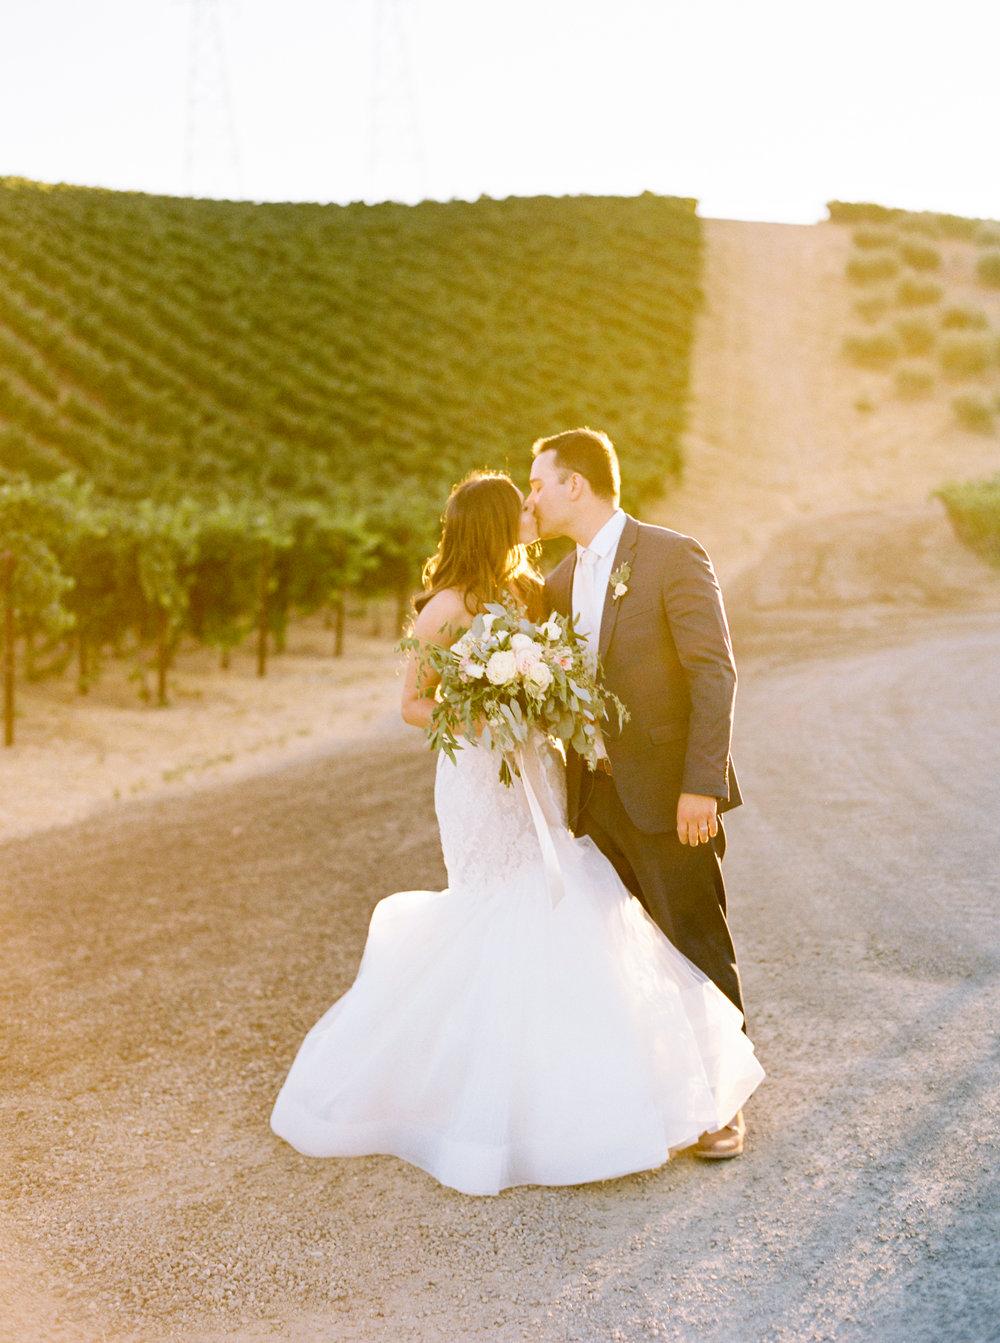 muriettas-well-wedding-in-livermore-california-168.jpg